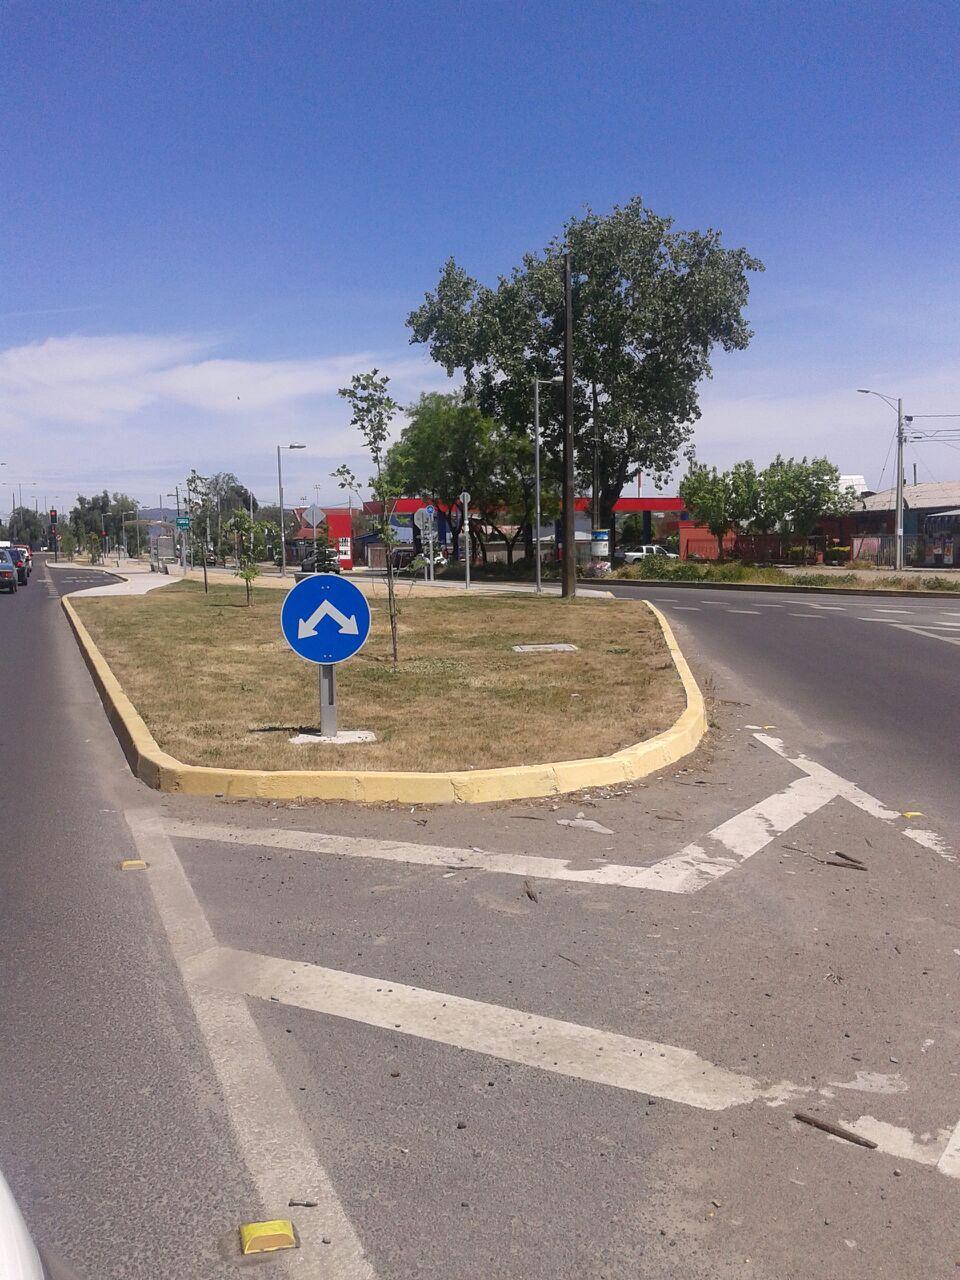 AV. florida